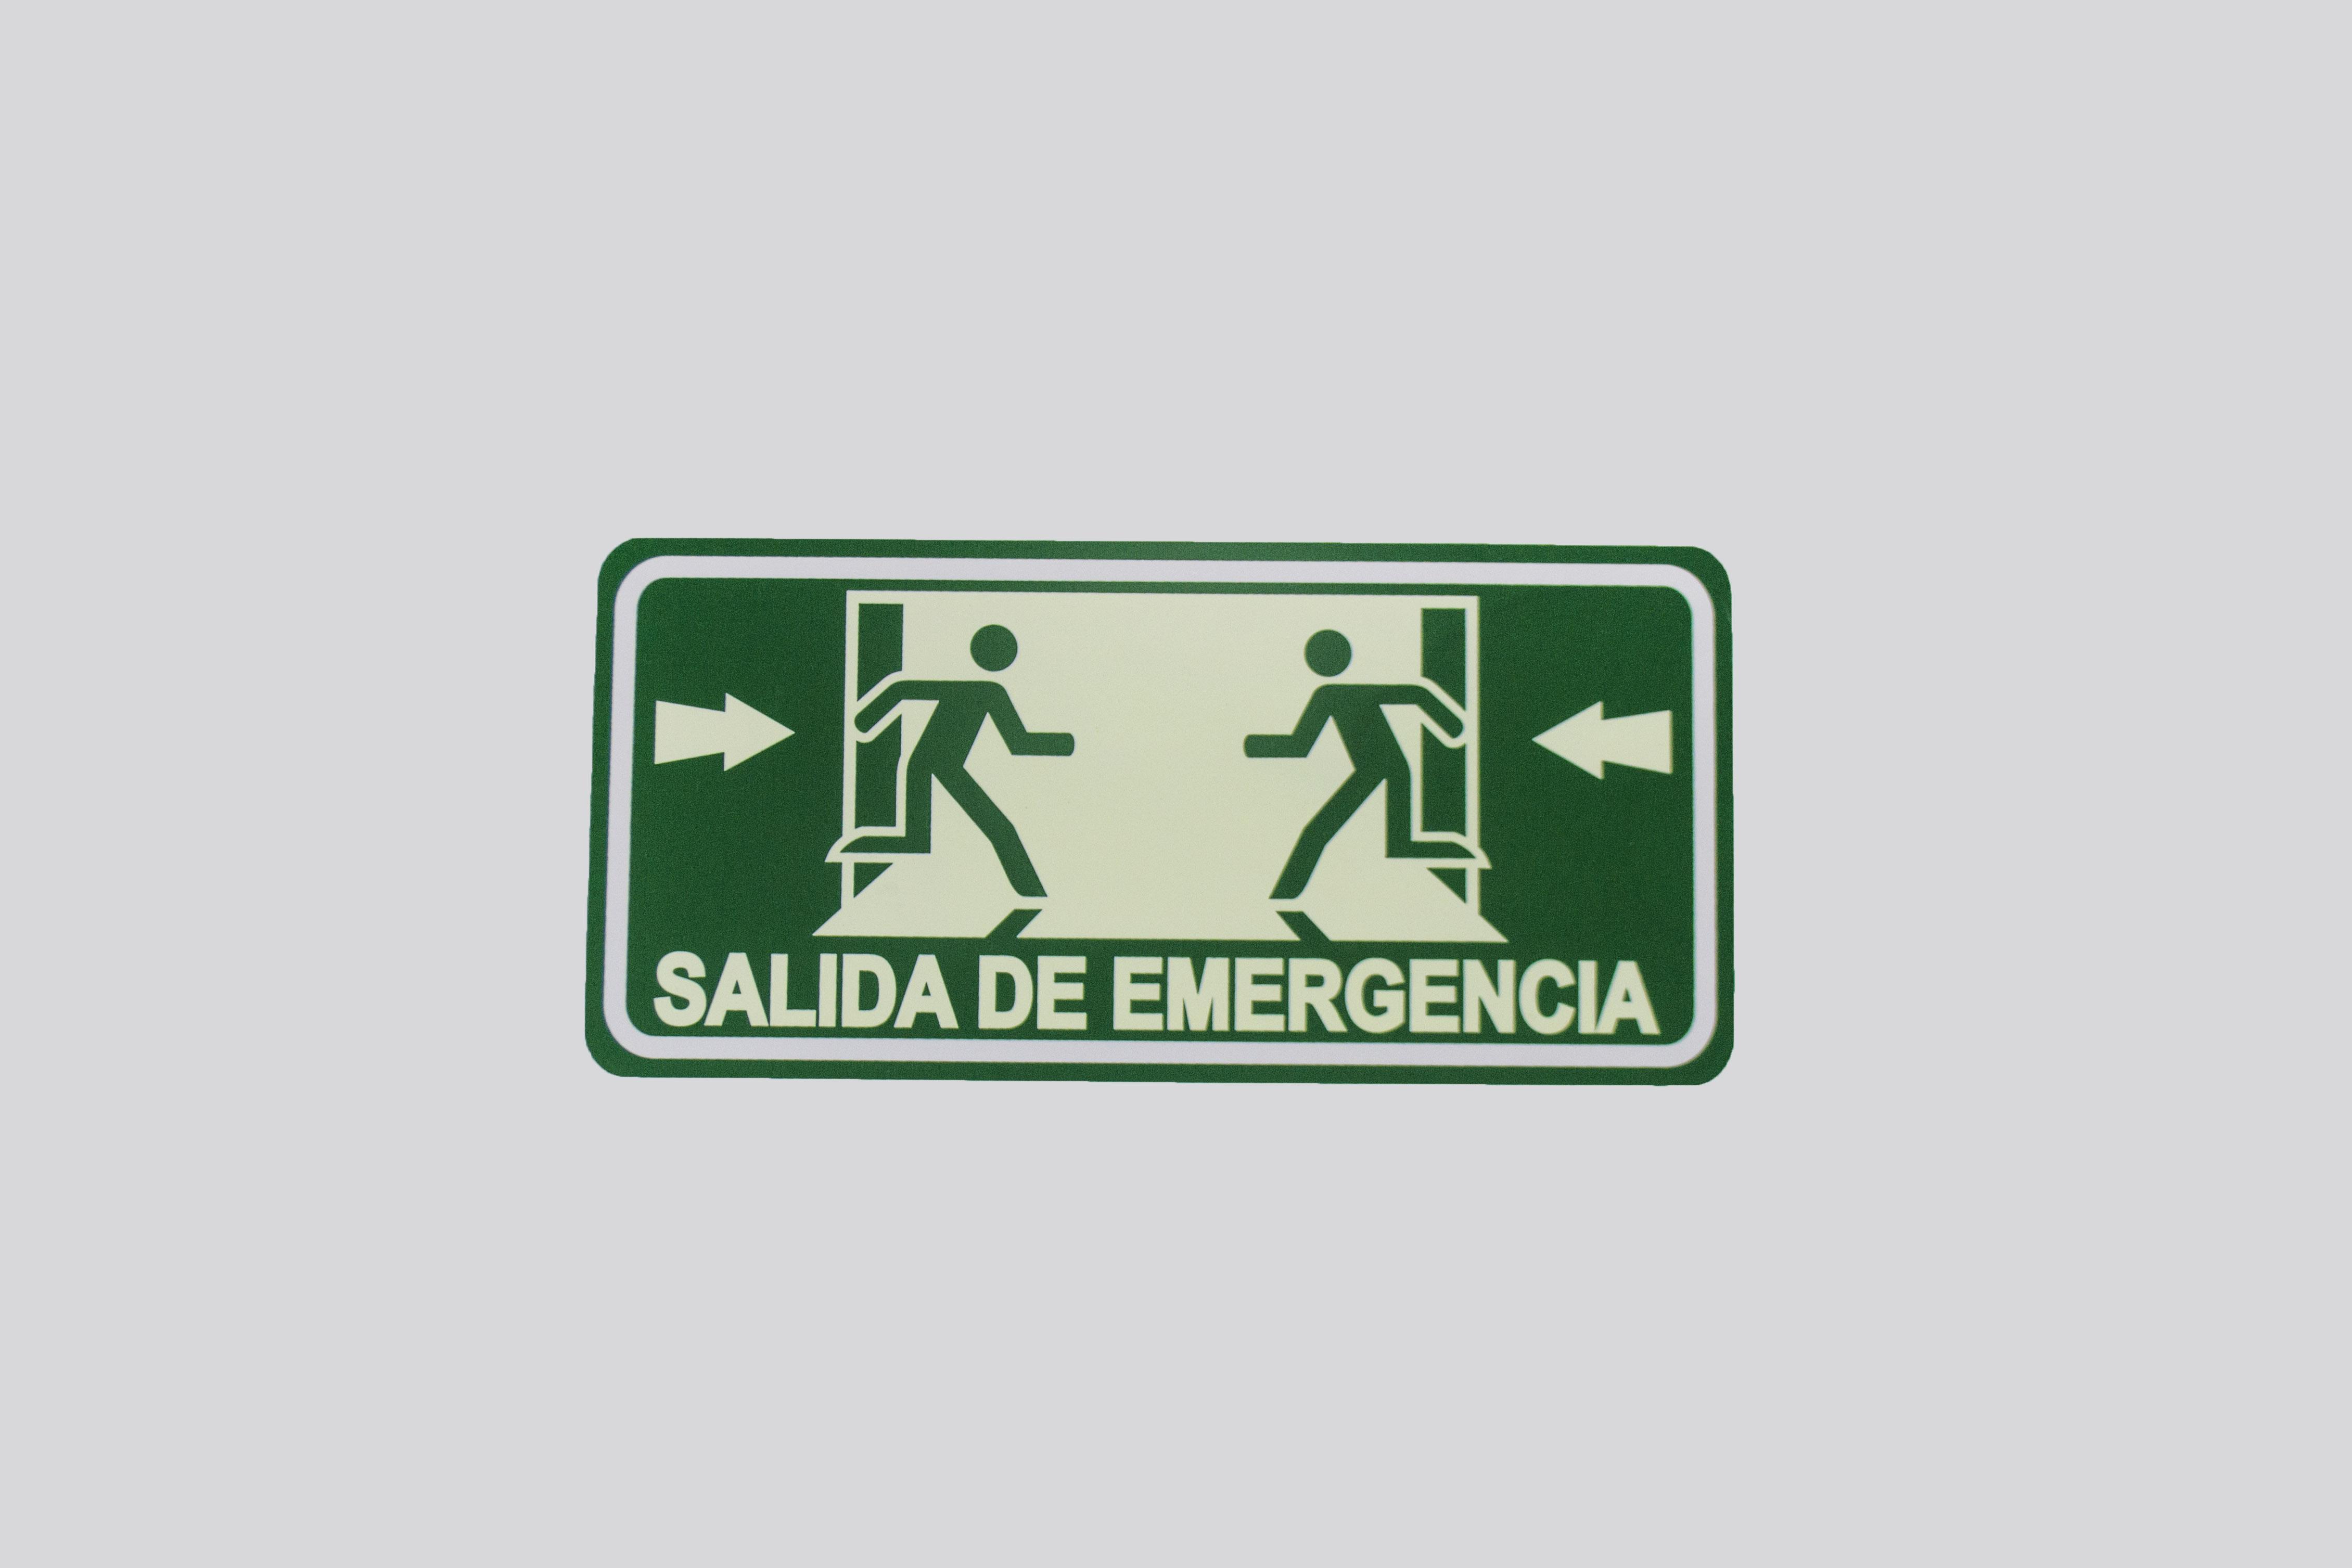 Señalamientos_ salida de emergencia